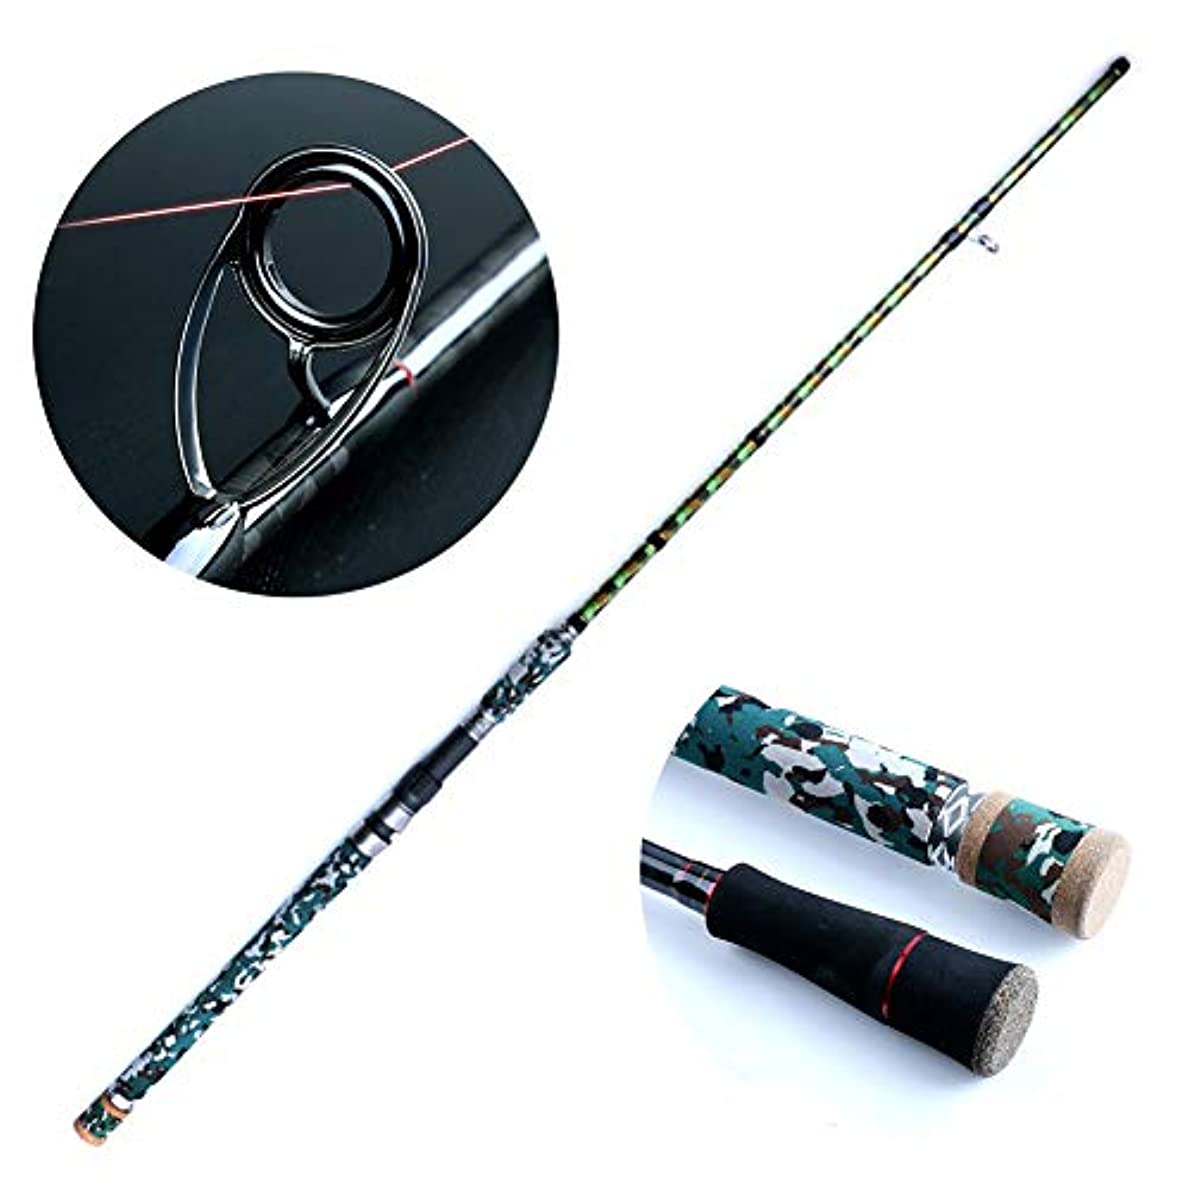 黒魚のためのXH調性釣り、ポータブル釣り竿コンボ高密度カーボンウルトラライト、草エリア用釣りリール